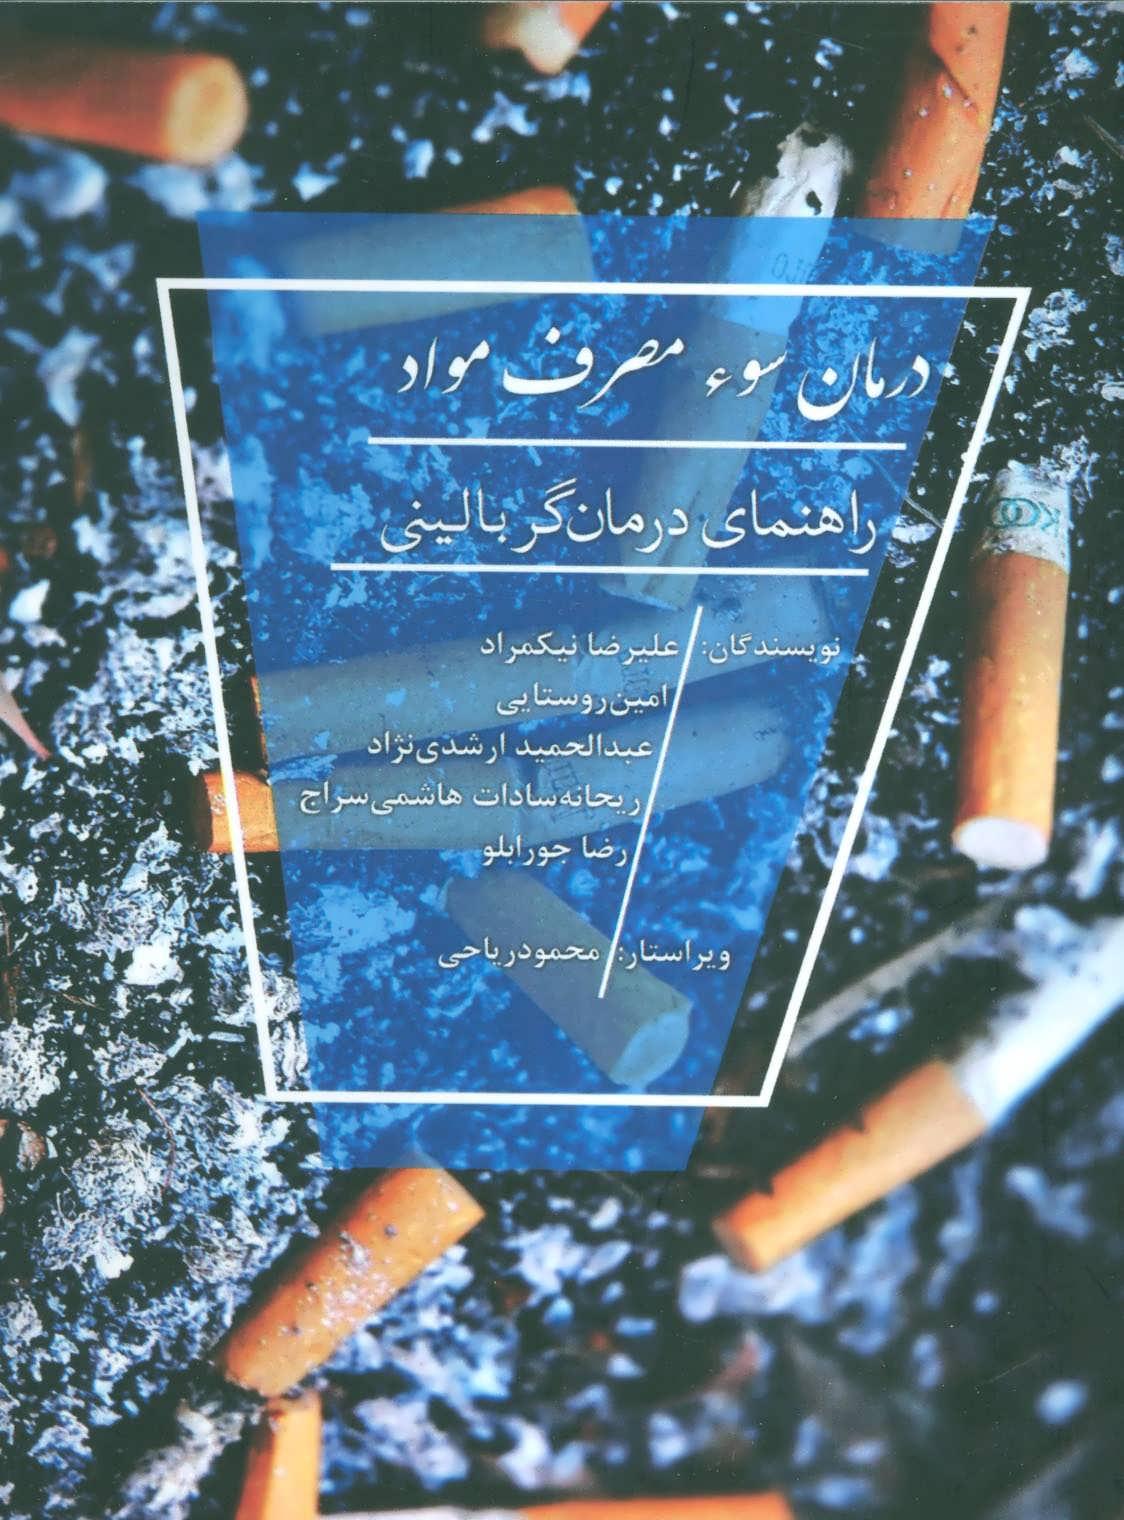 کتاب درمان سوء مصرف مواد (راهنمای درمان گر بالینی)